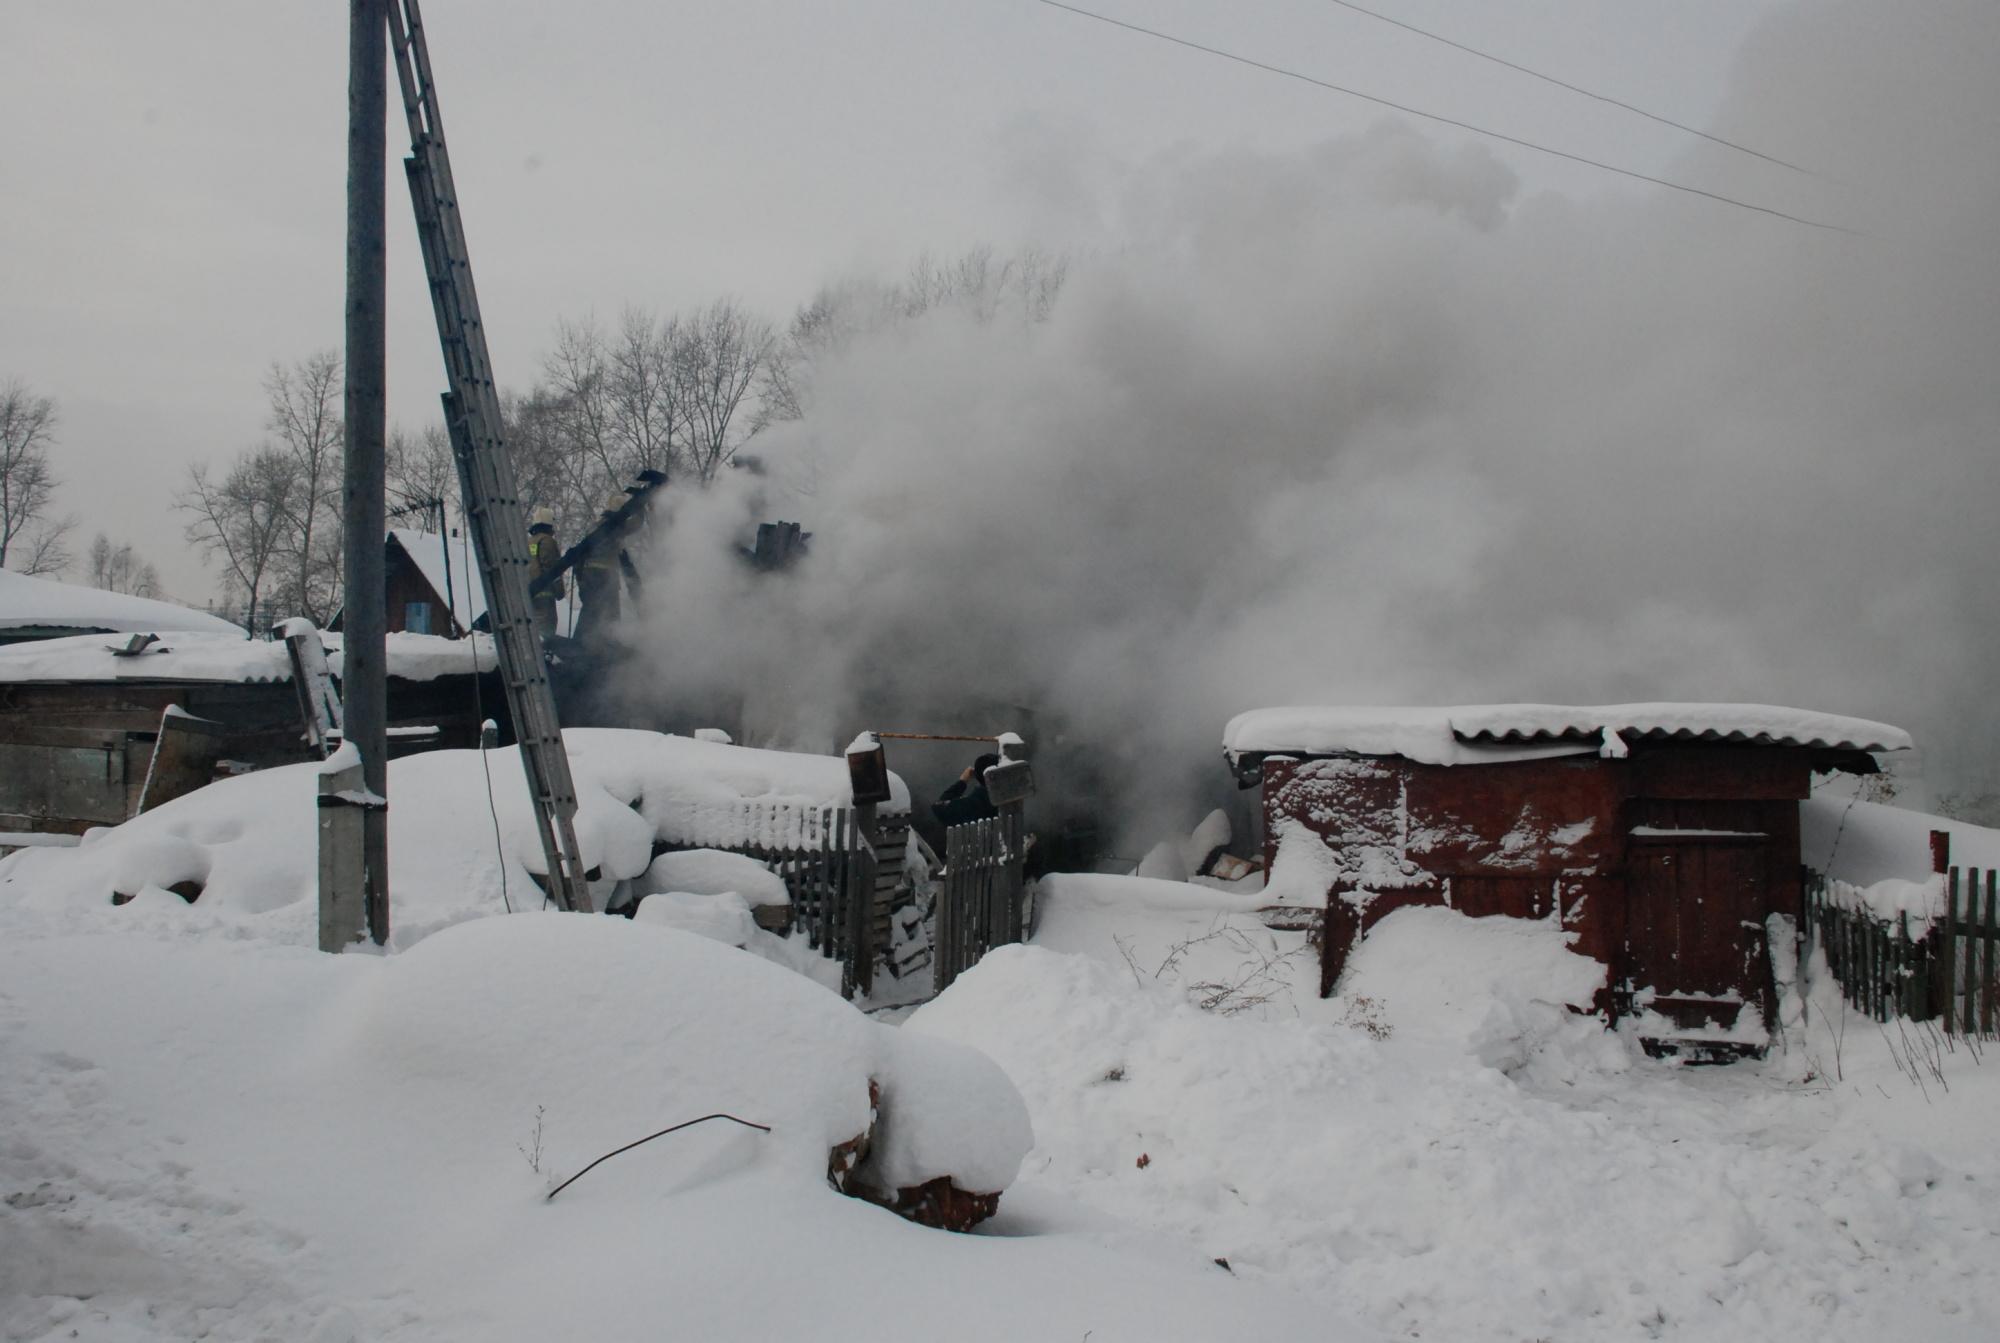 Спасатели МЧС России ликвидировали пожар в частной хозяйственной постройке в Ижморском МО